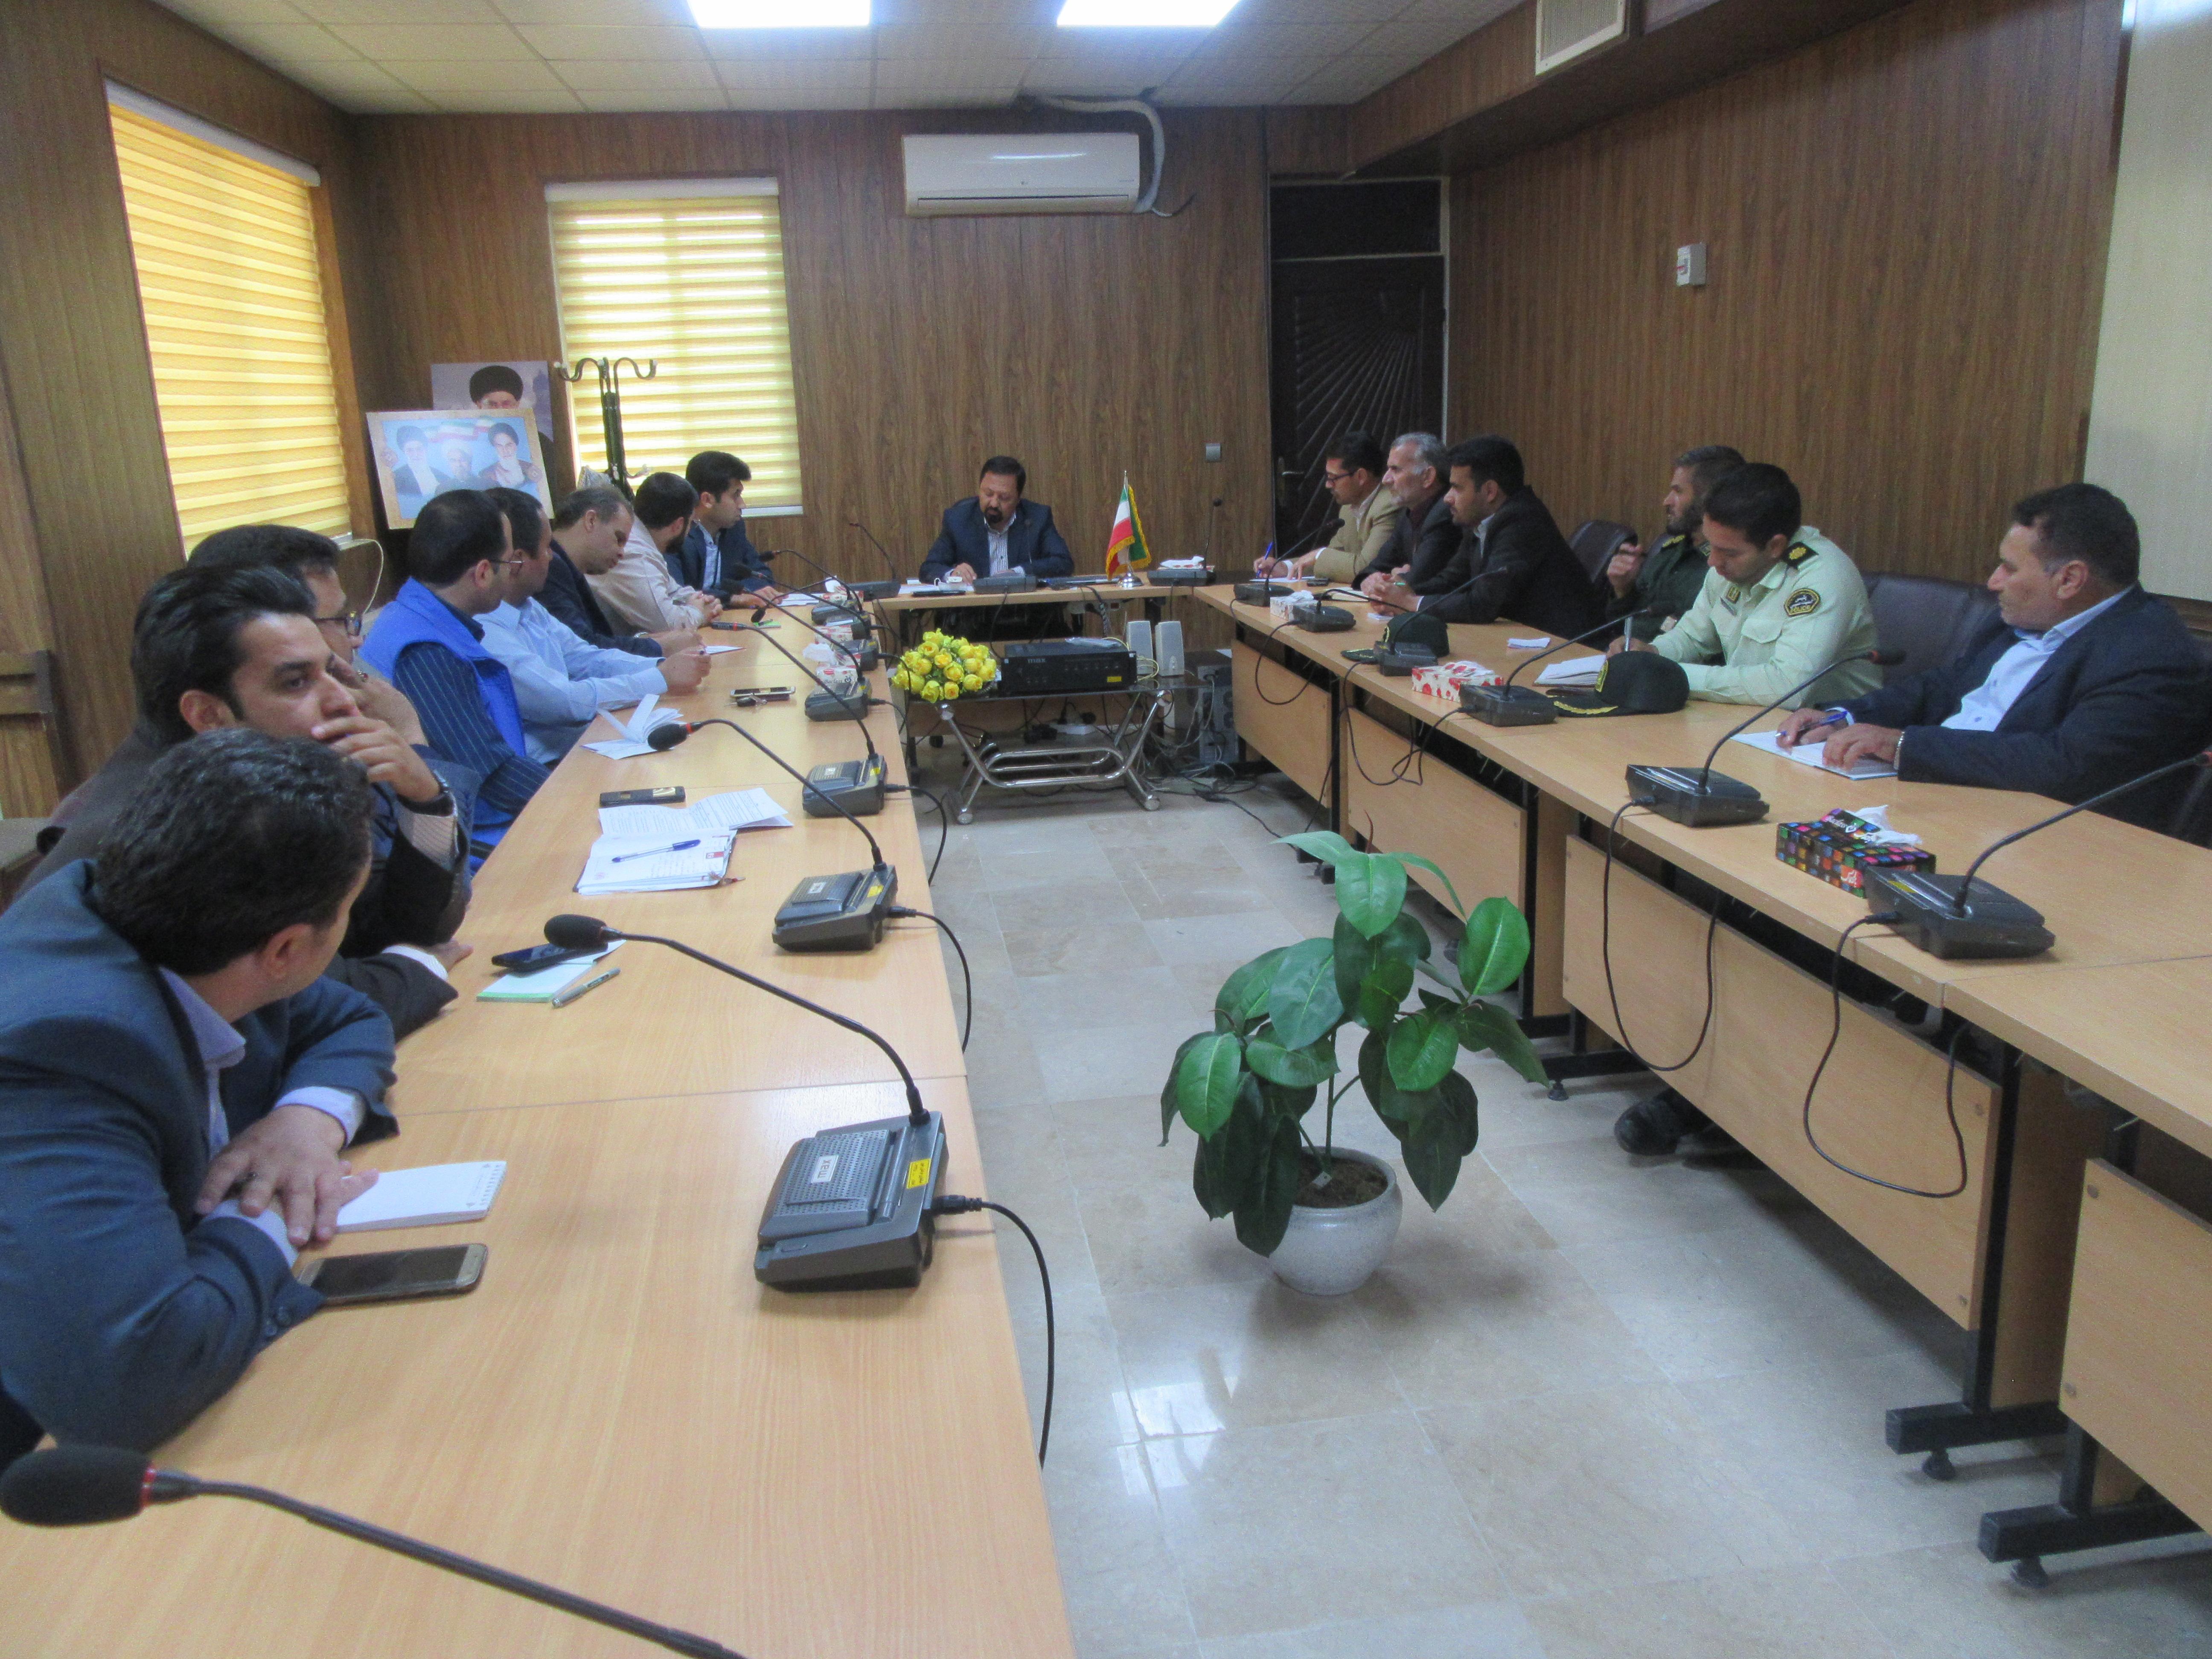 جلسه شورای حفاظت از منابع آب شهرستان خواف برگزار شد.